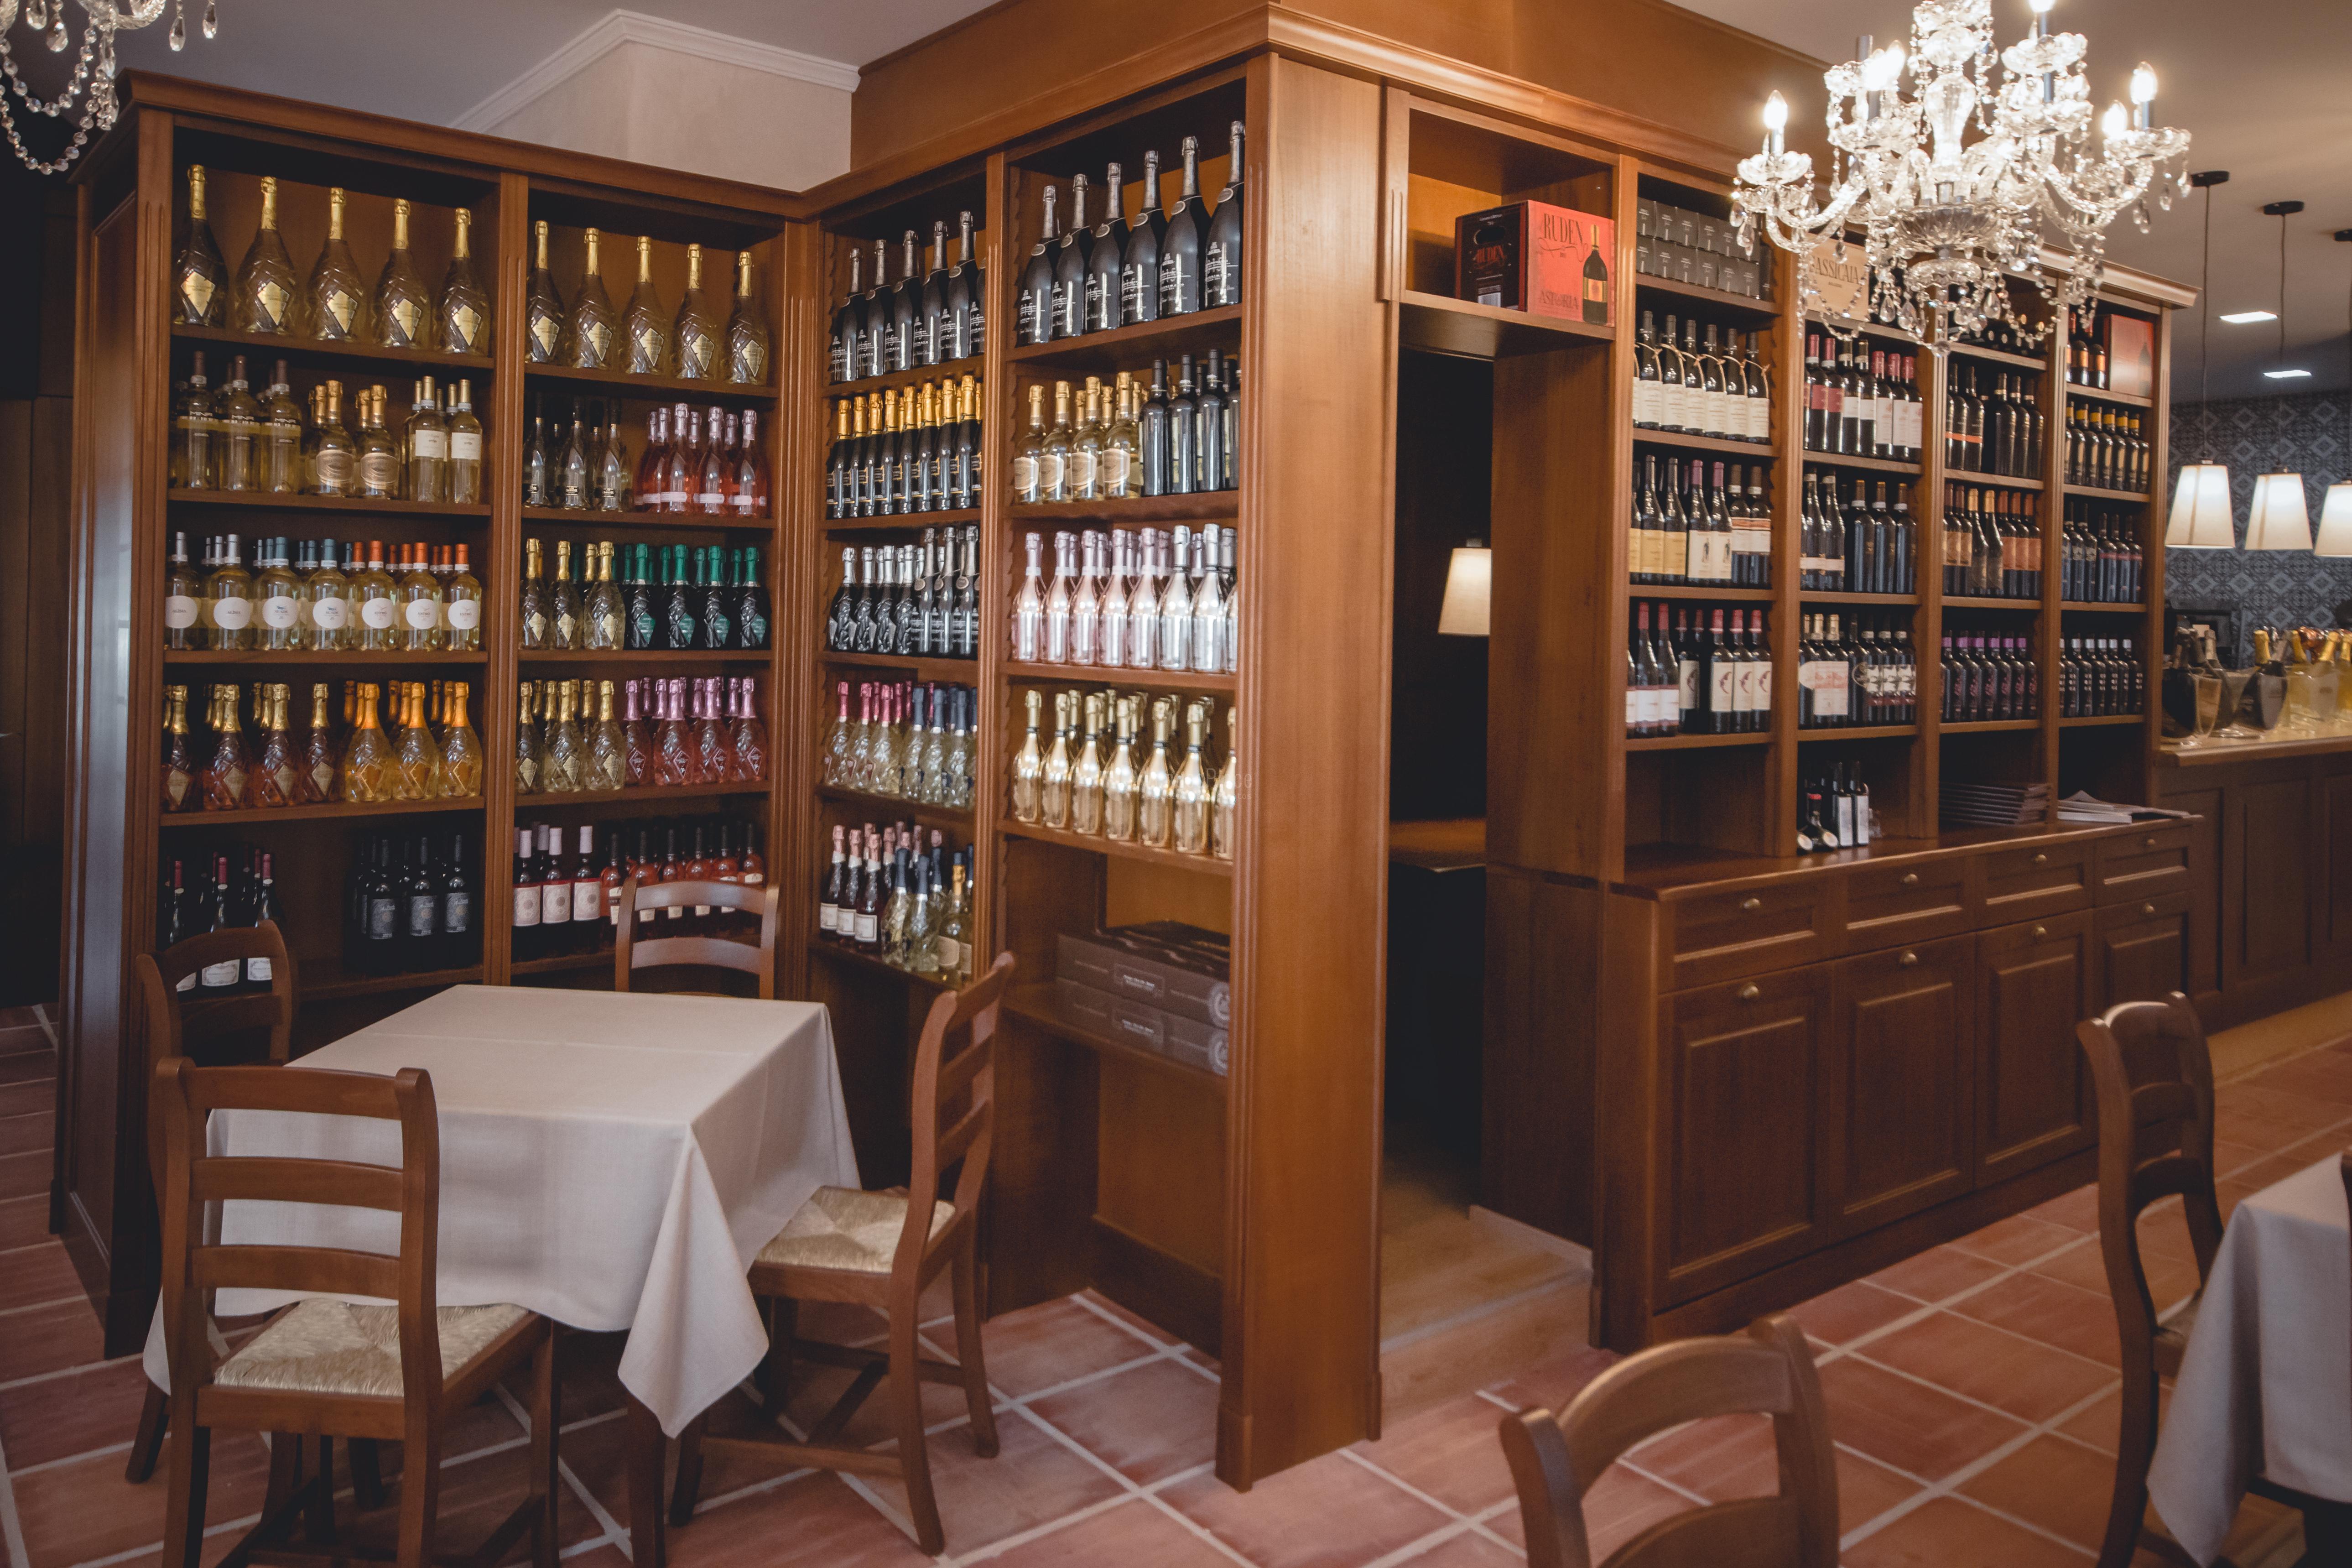 Interiores únicos en La Pala D'Oro Malagueta